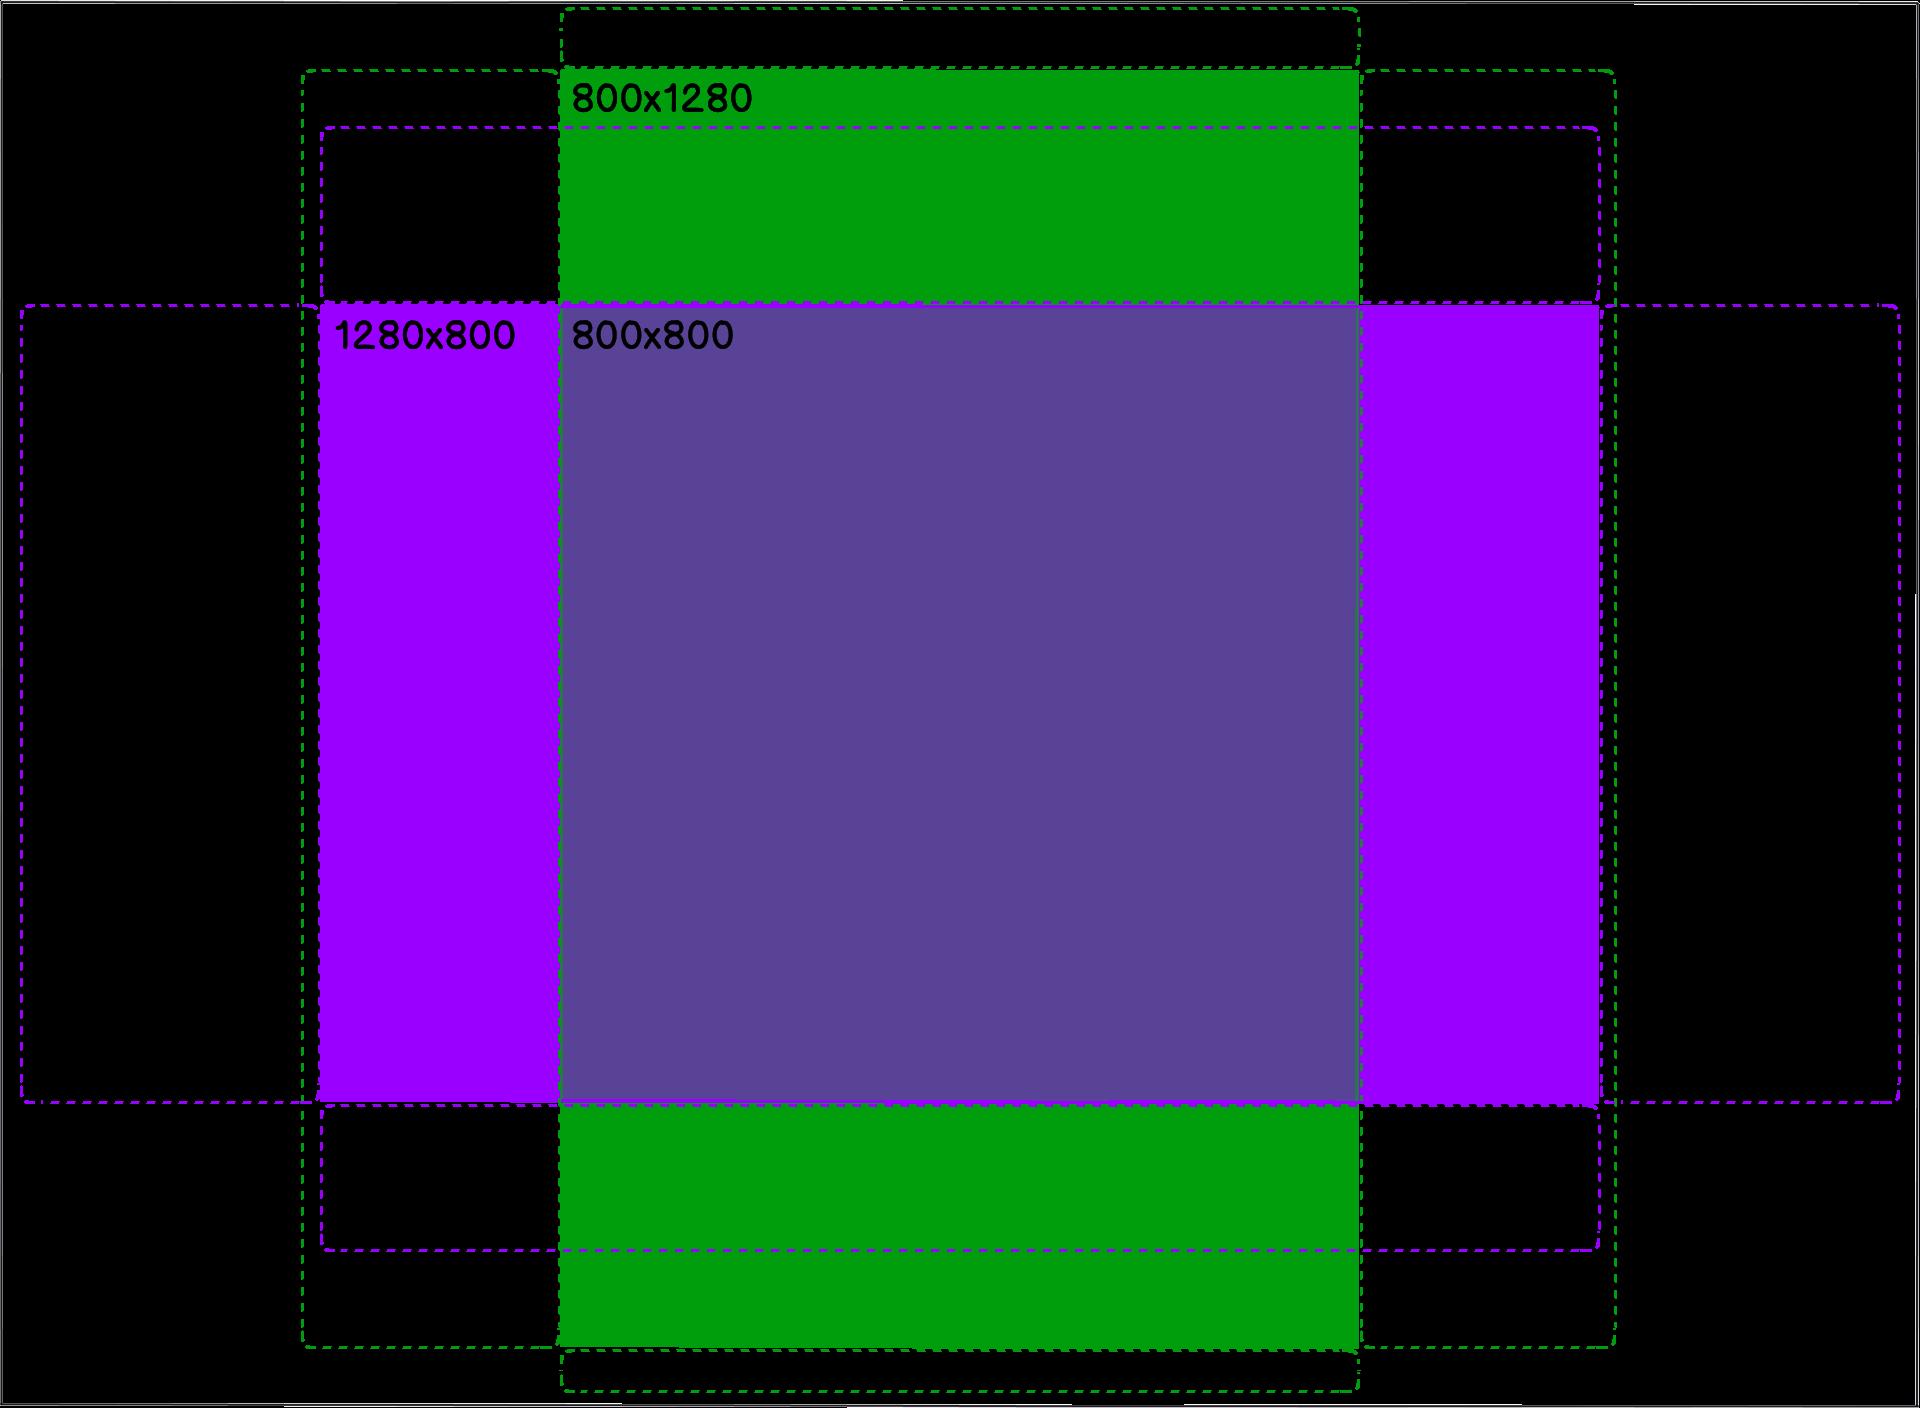 [44+] Phone Wallpaper Dimensions on WallpaperSafari